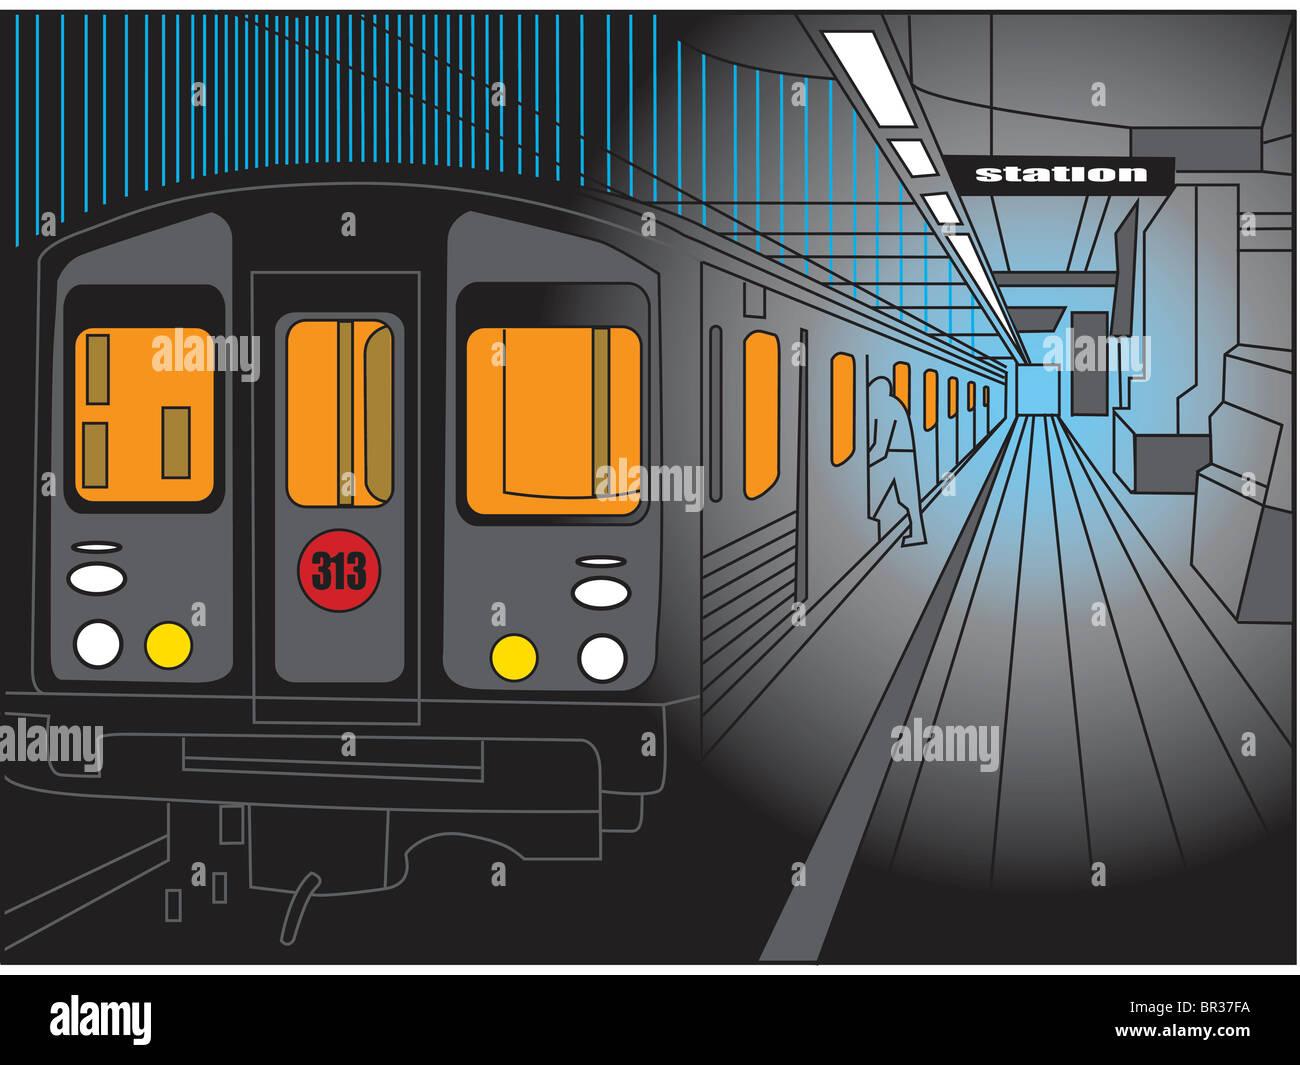 Una scena nella stazione della metropolitana Immagini Stock